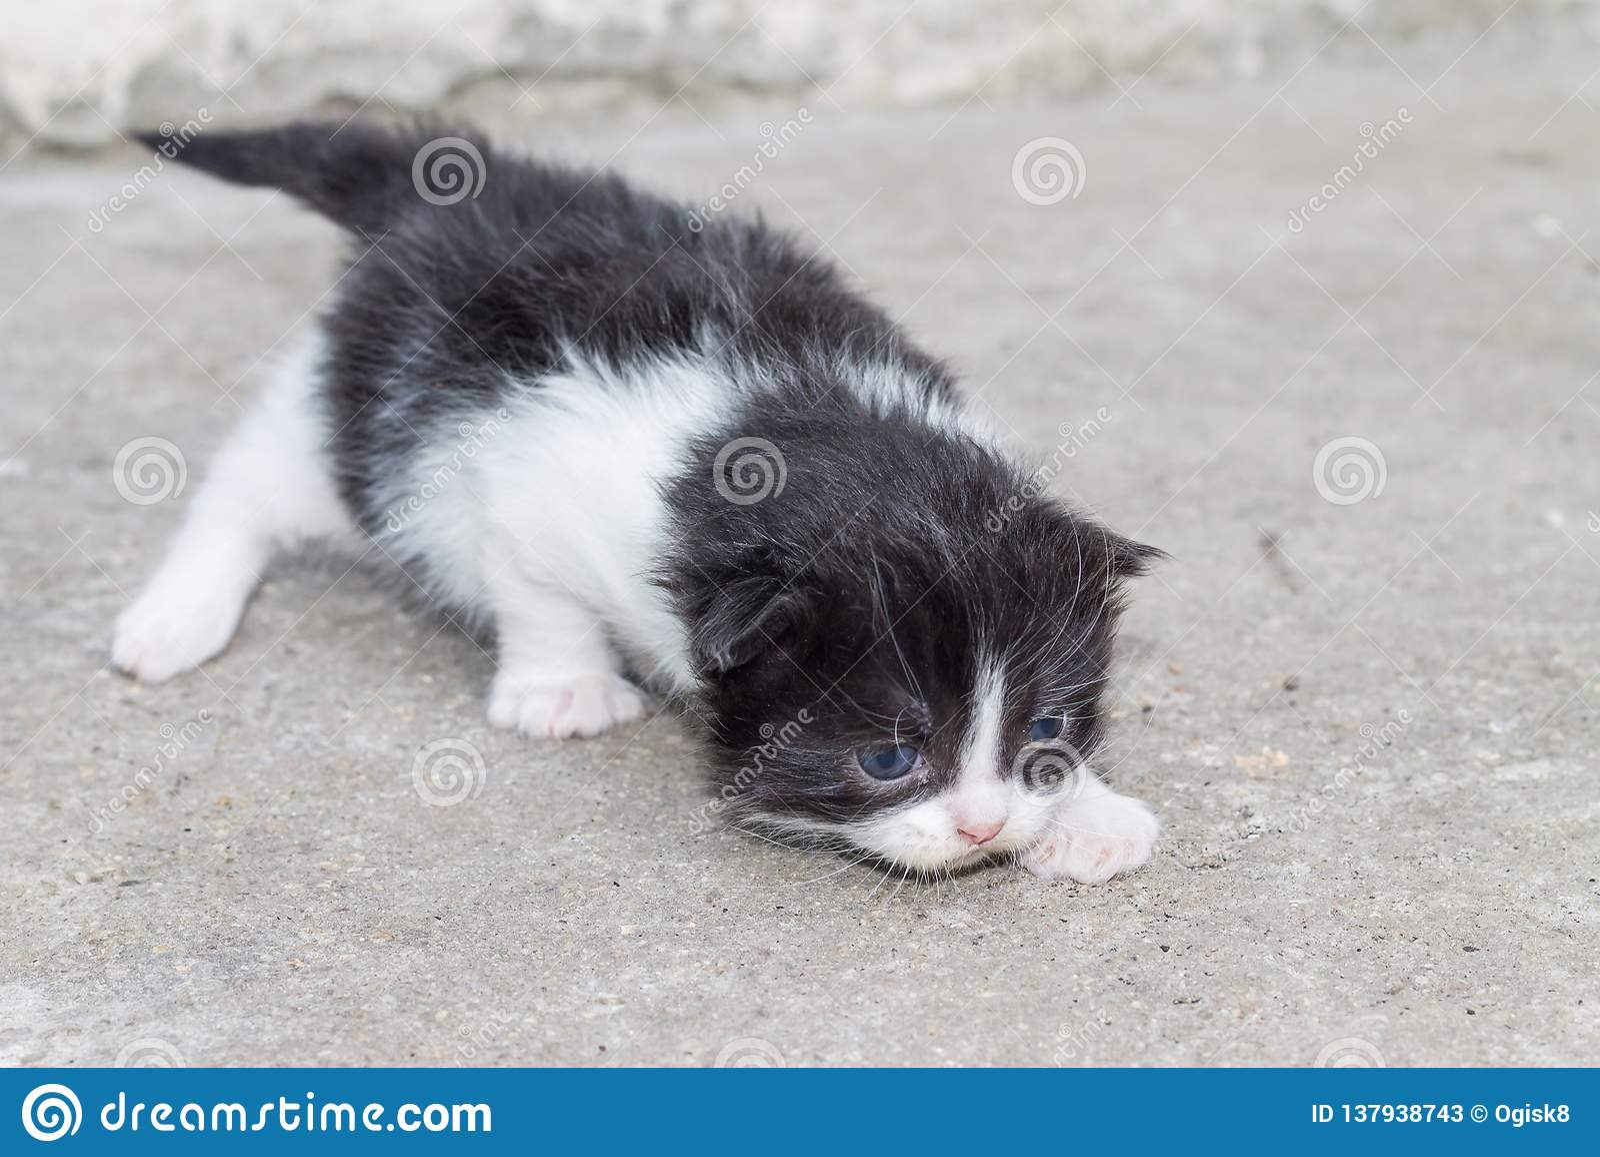 newborn baby kitten stock